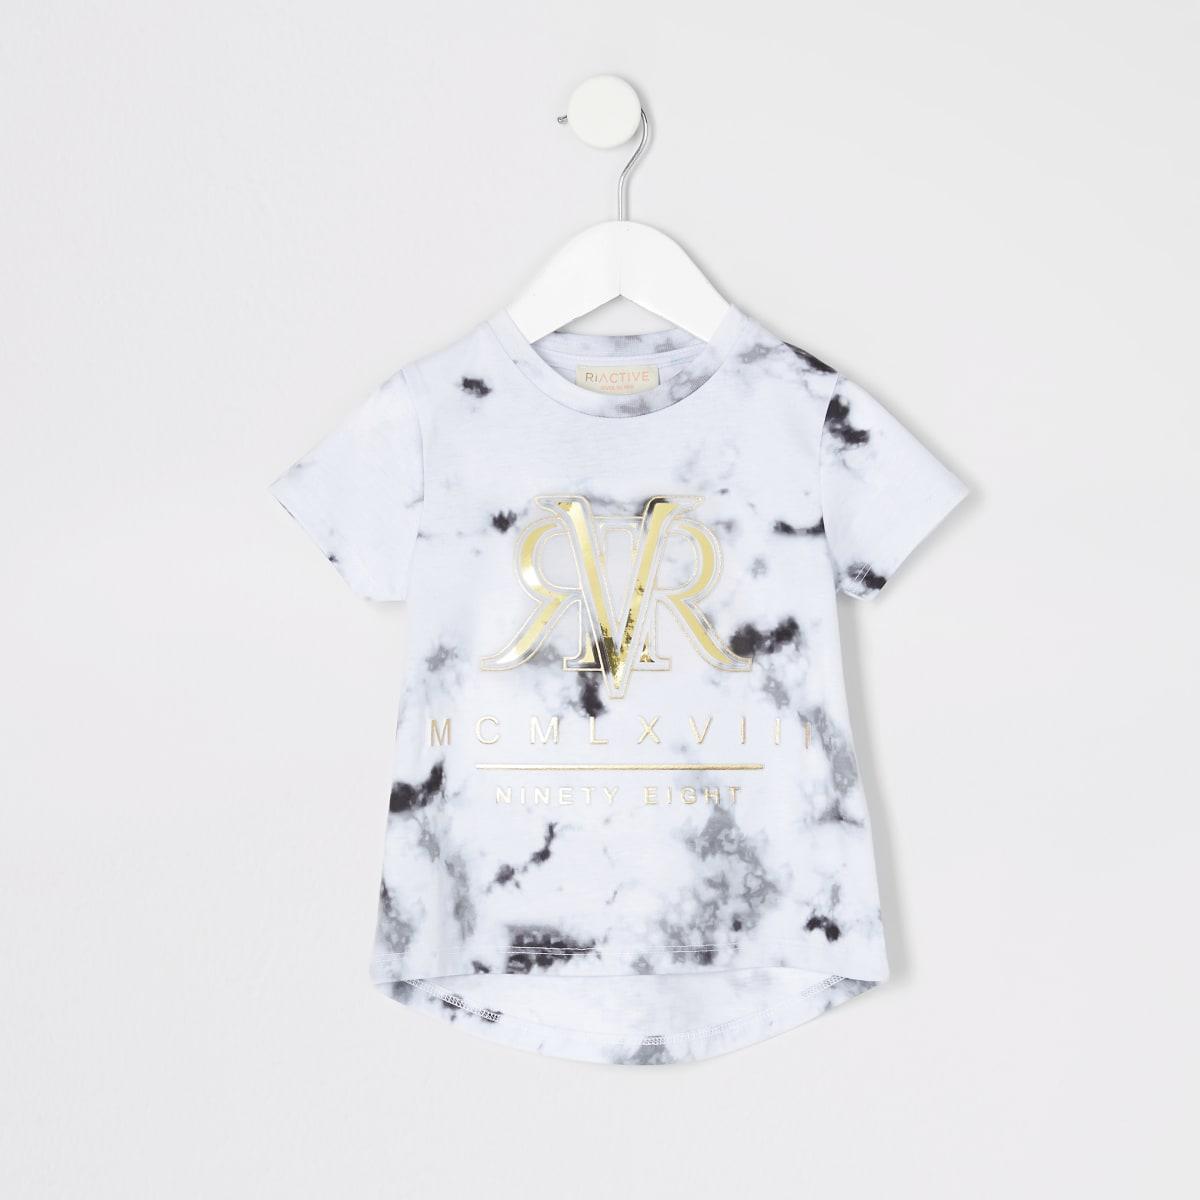 Mini -  RI Active grijs gemêleerd T-shirt voor meisjes